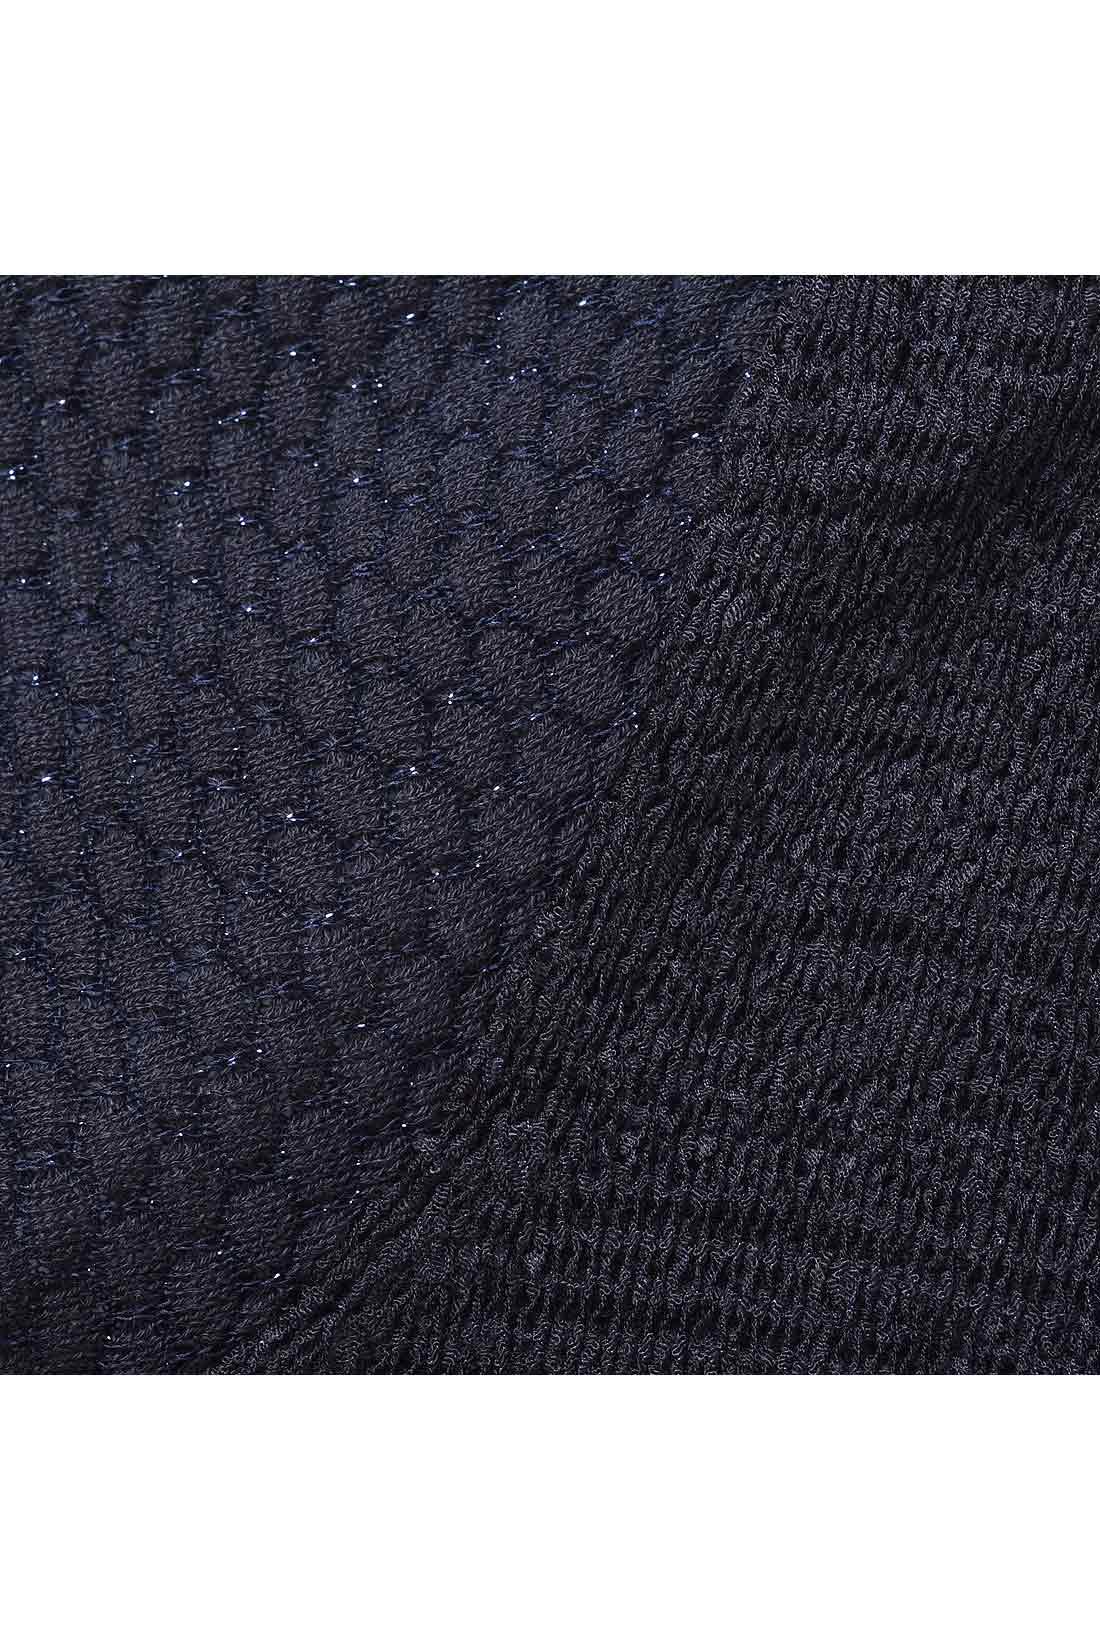 身ごろの部分はメリヤス編み、お袖の部分は模様編みに。